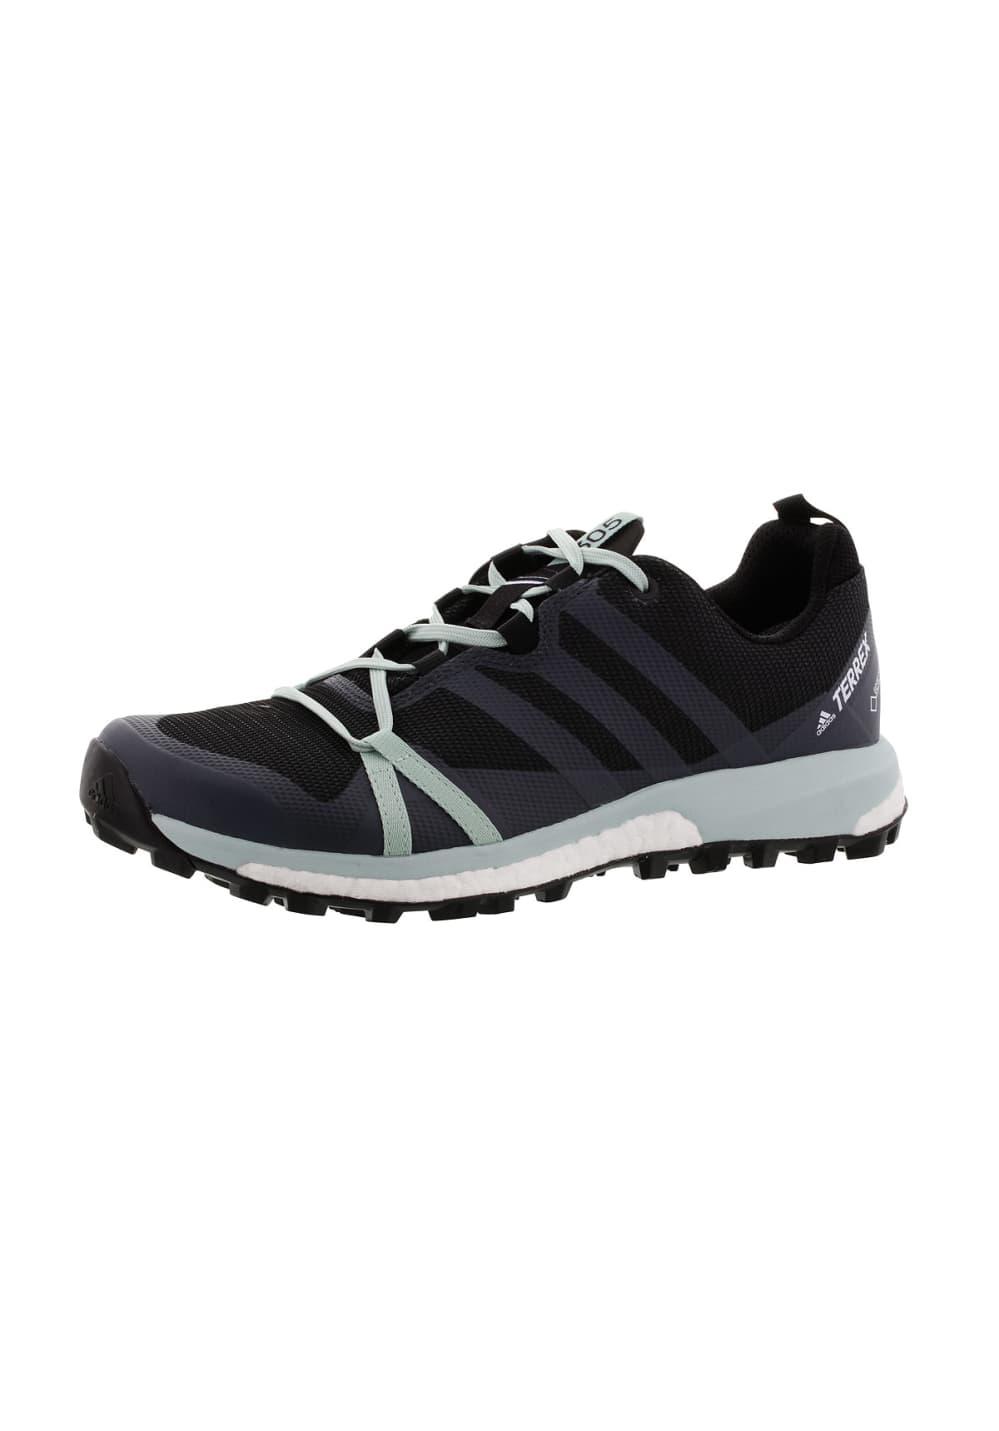 Adidas Terrex Agravic GTX Herren Trailrunning Schuhe Laufschuhe 46 Neu